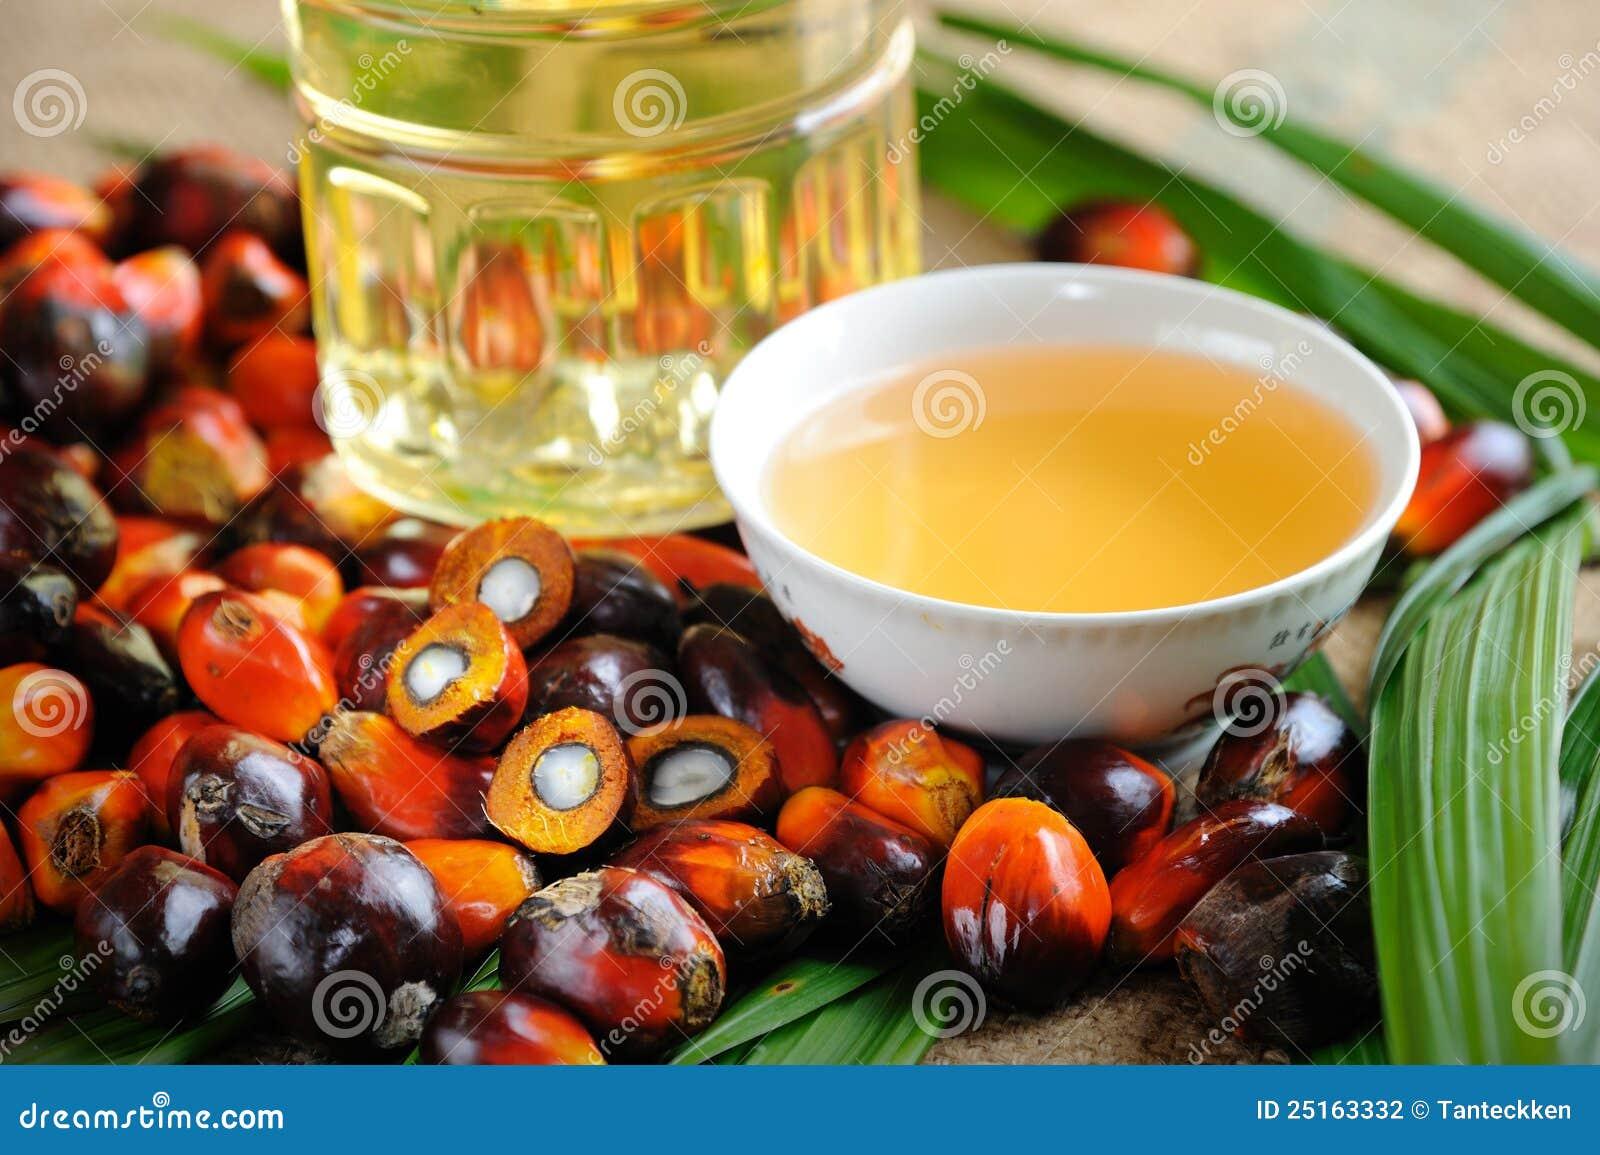 is palm fruit oil healthy fruit puns